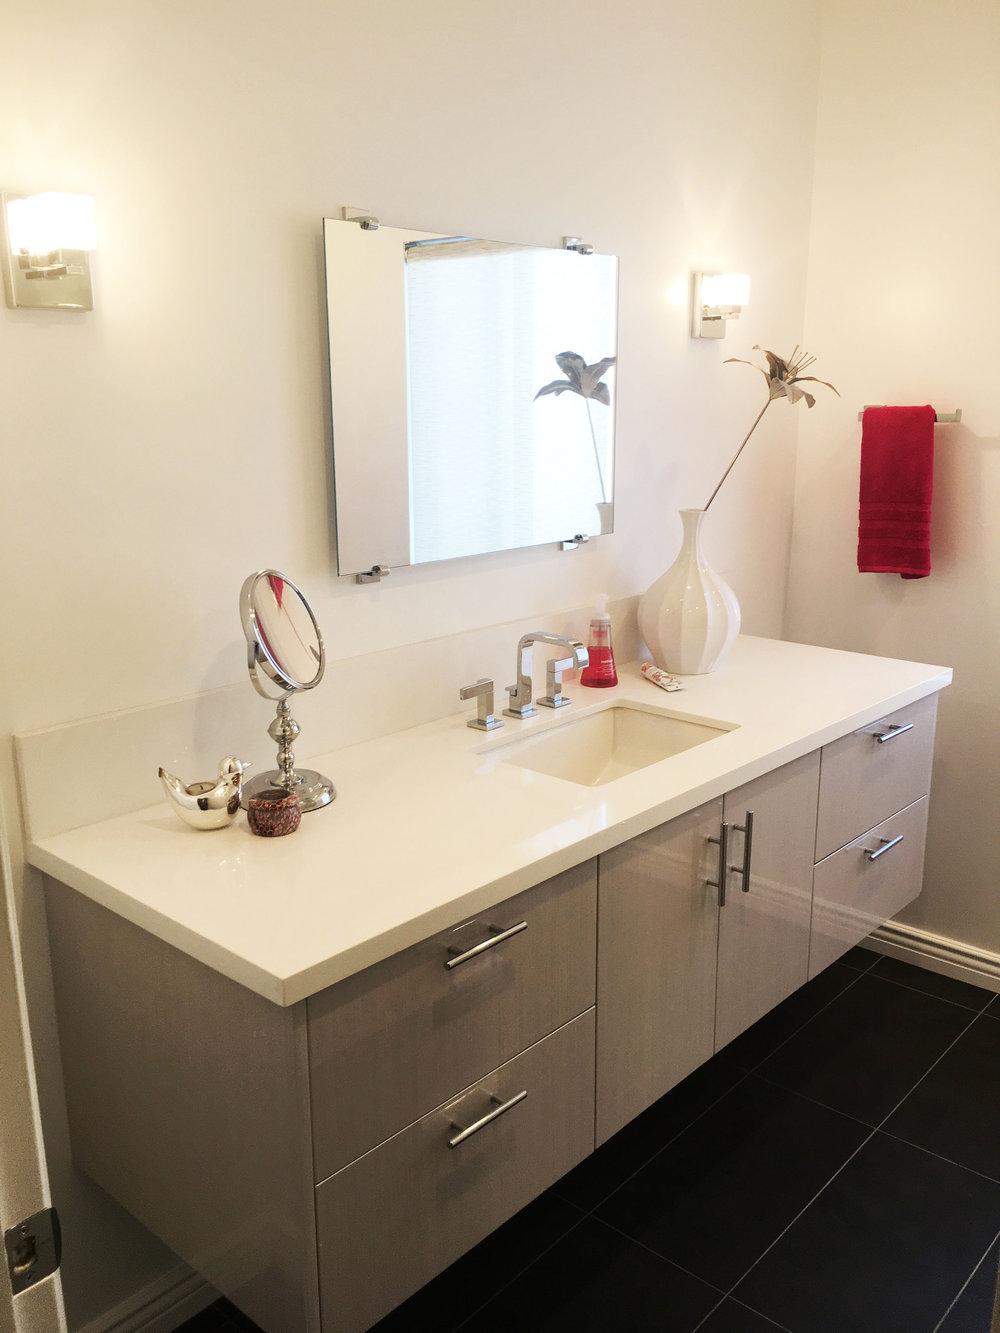 Pasadena condo bathroom remodel